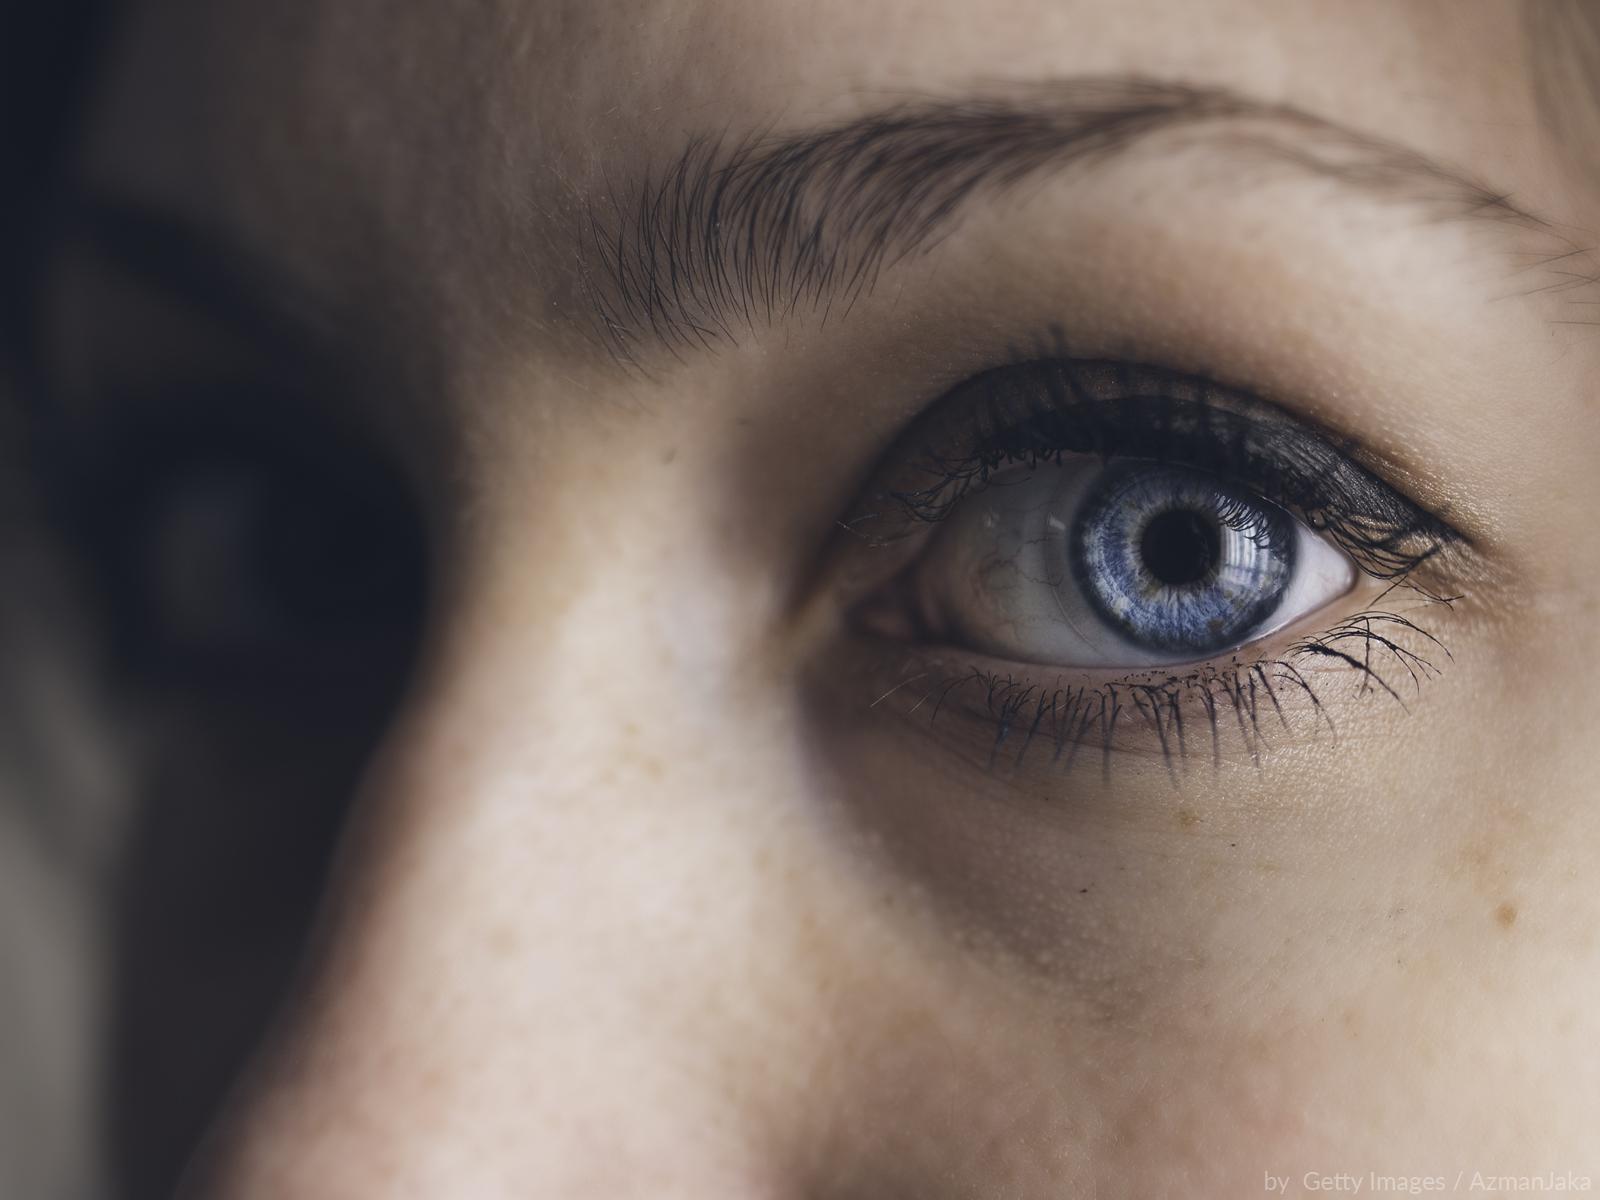 O pecado pode nos tentar através do olhar